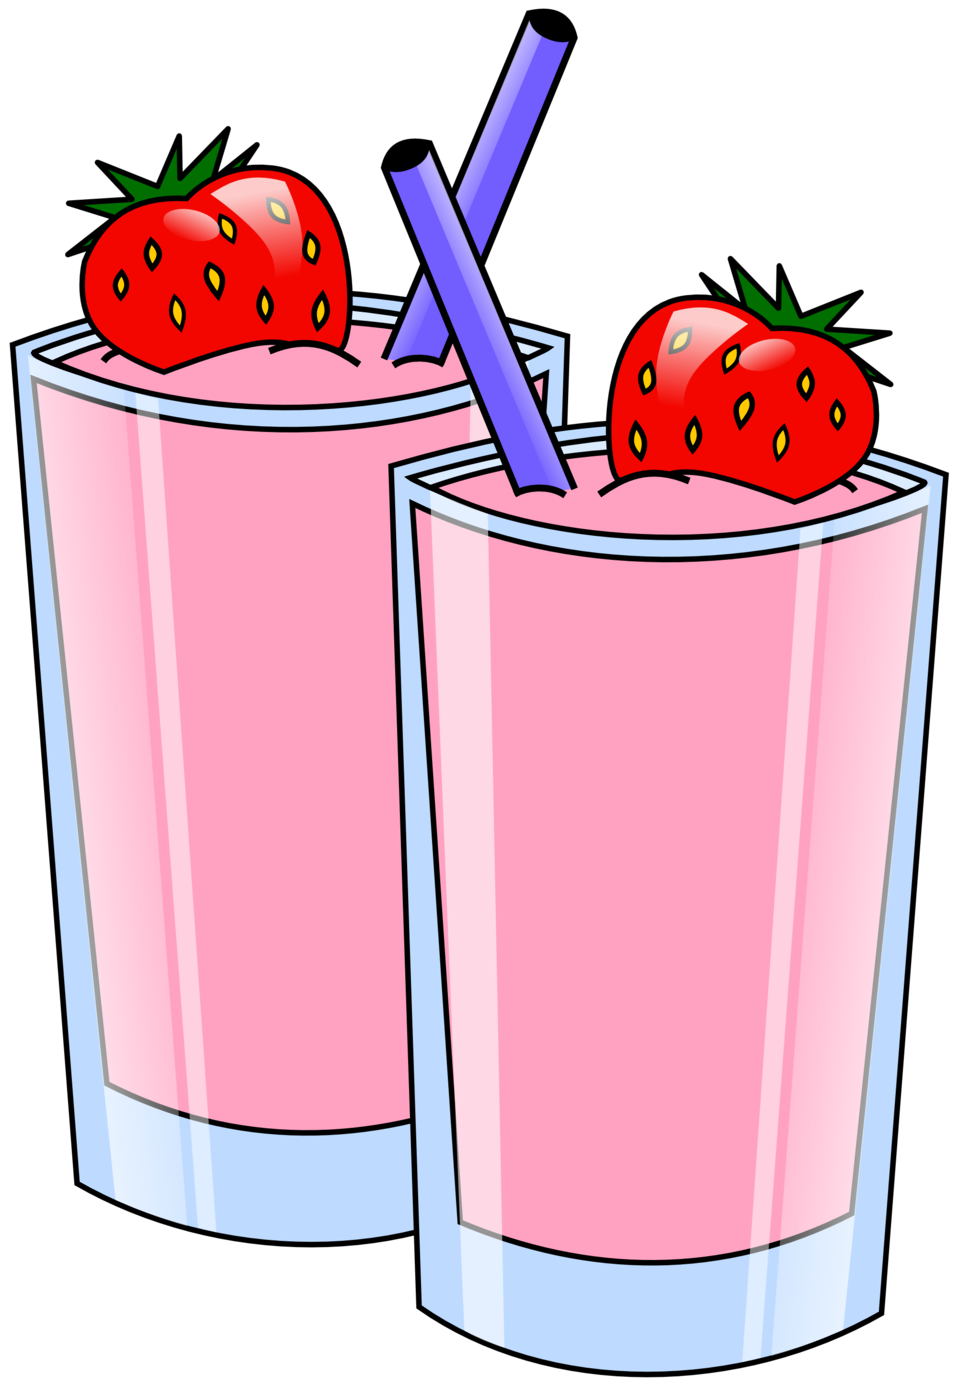 Strawberries clipart colour. Public domain clip art